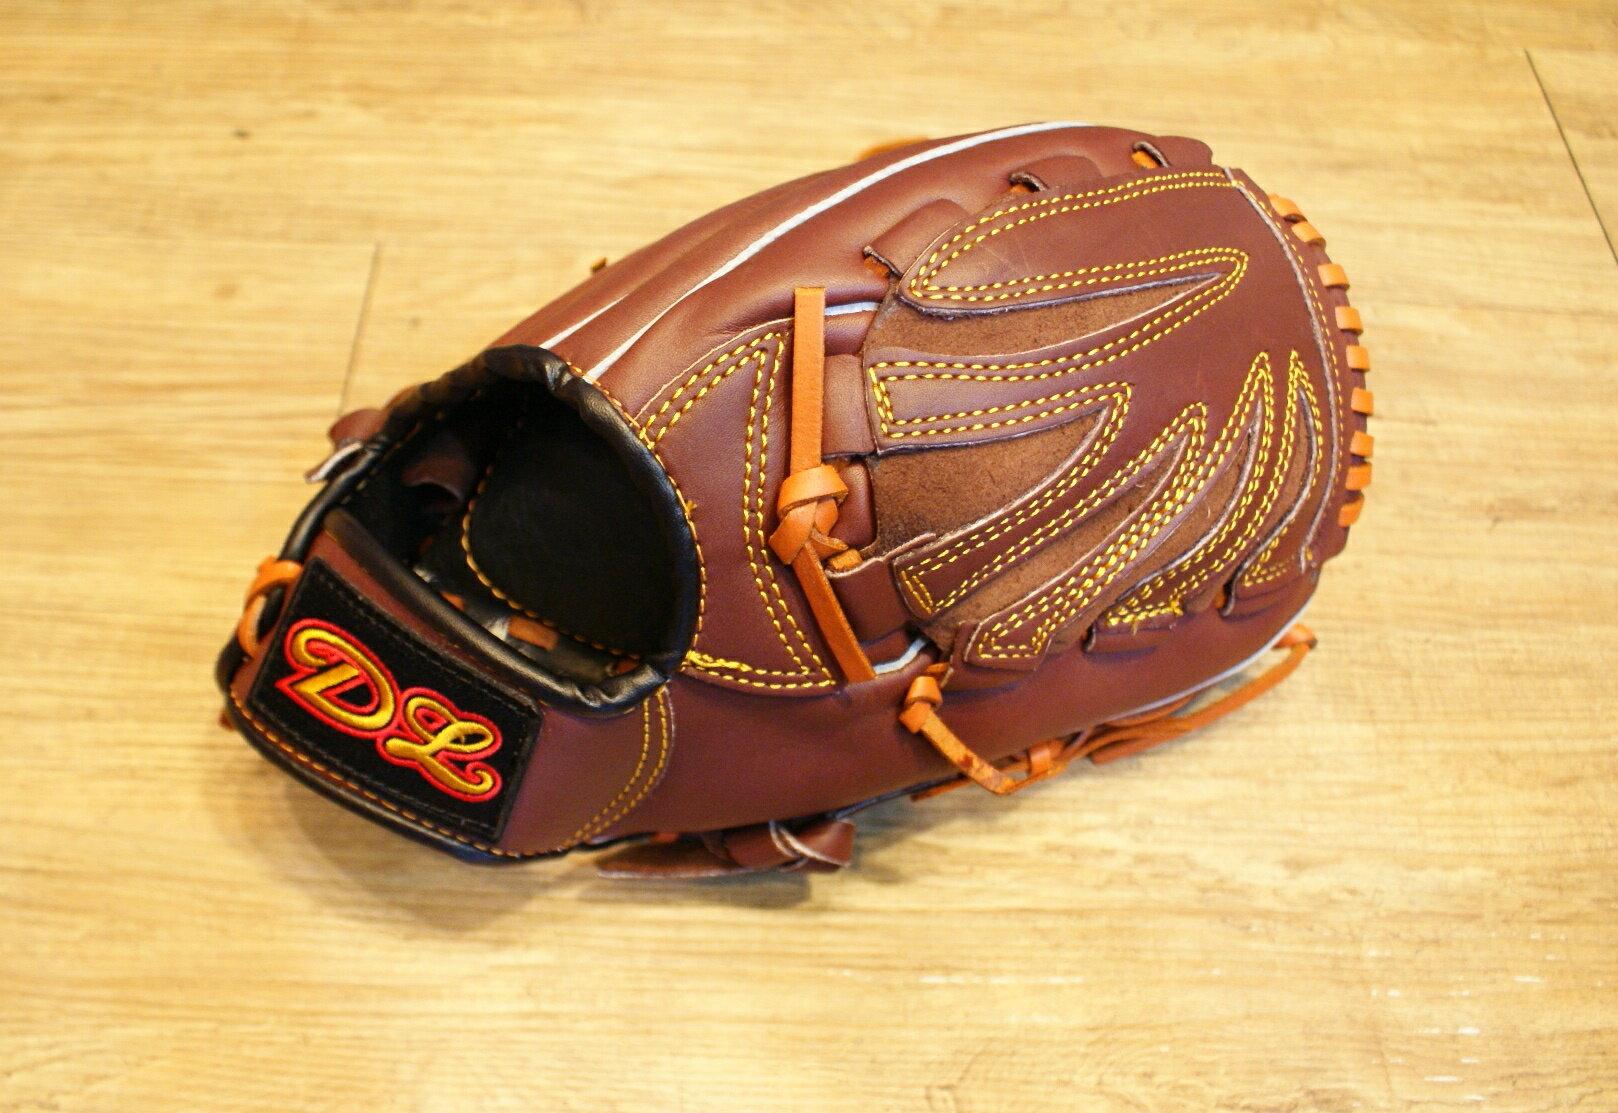 〈棒球世界〉DL內野投手咖啡色訂製款 12.5吋棒壘手套 特價 送手套袋